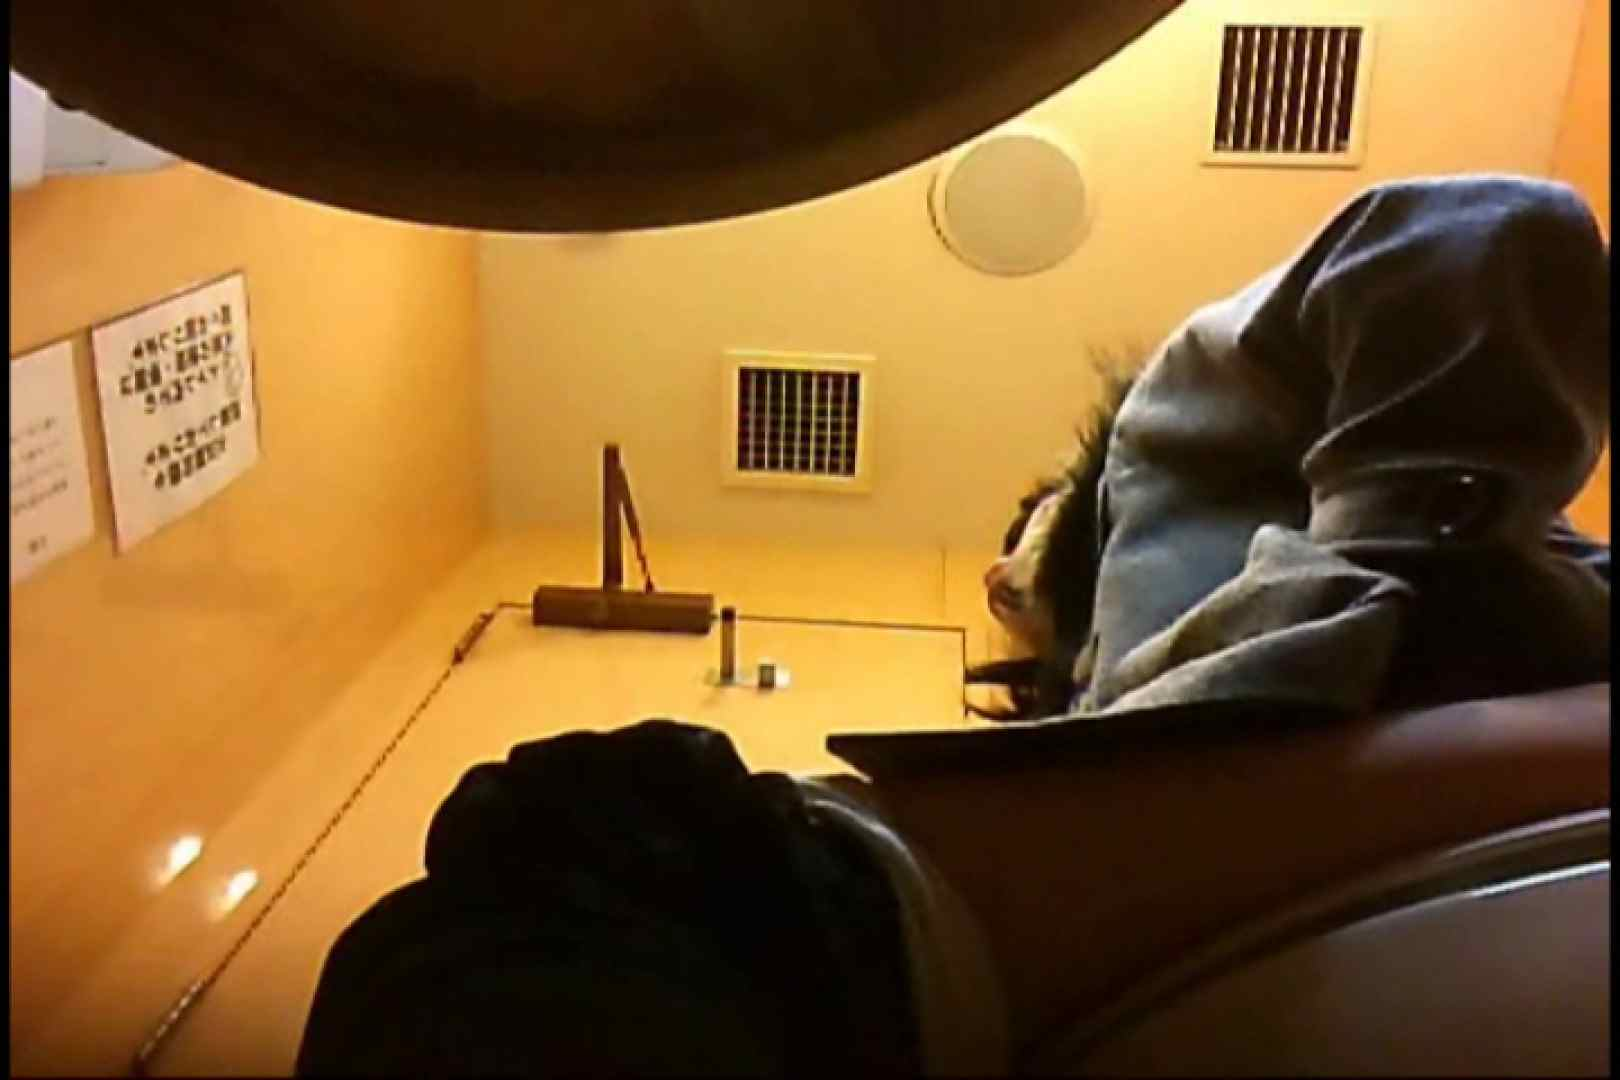 マダムが集まるデパートお手洗い Vol.26 お手洗い AV無料動画キャプチャ 103pic 47